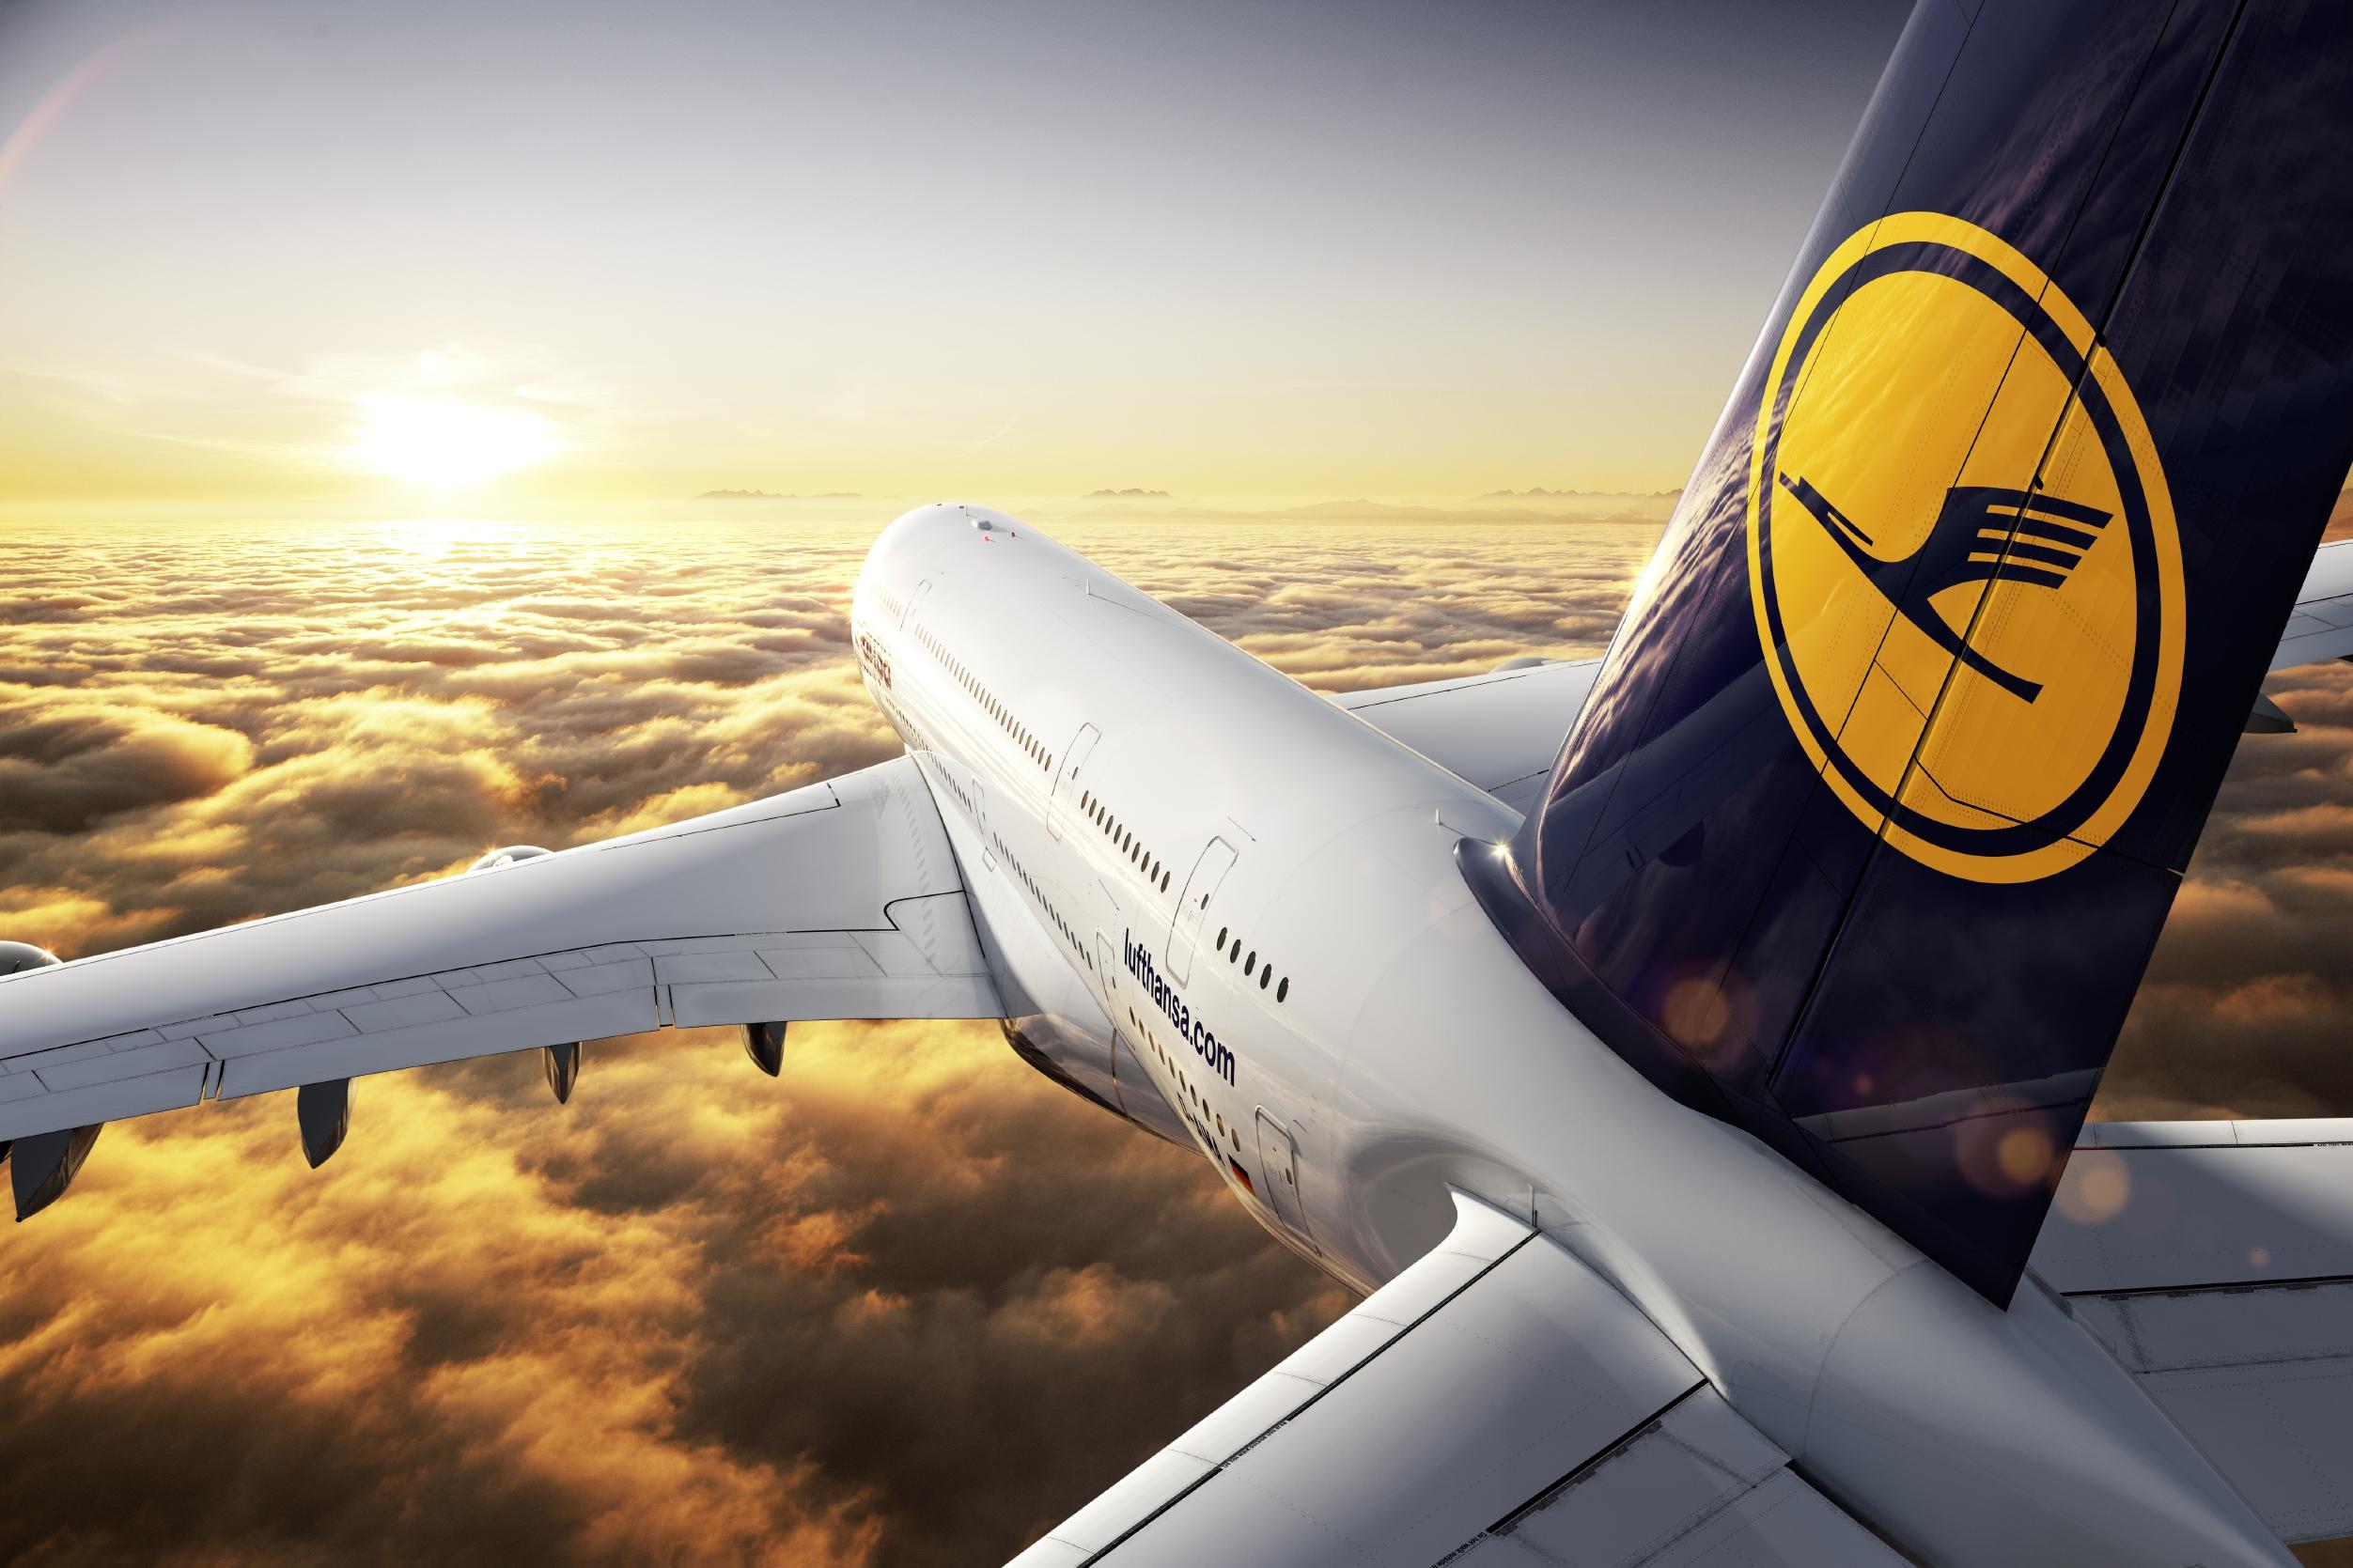 Lufthansa Change Logo Colors on Social Media After Plane Crash